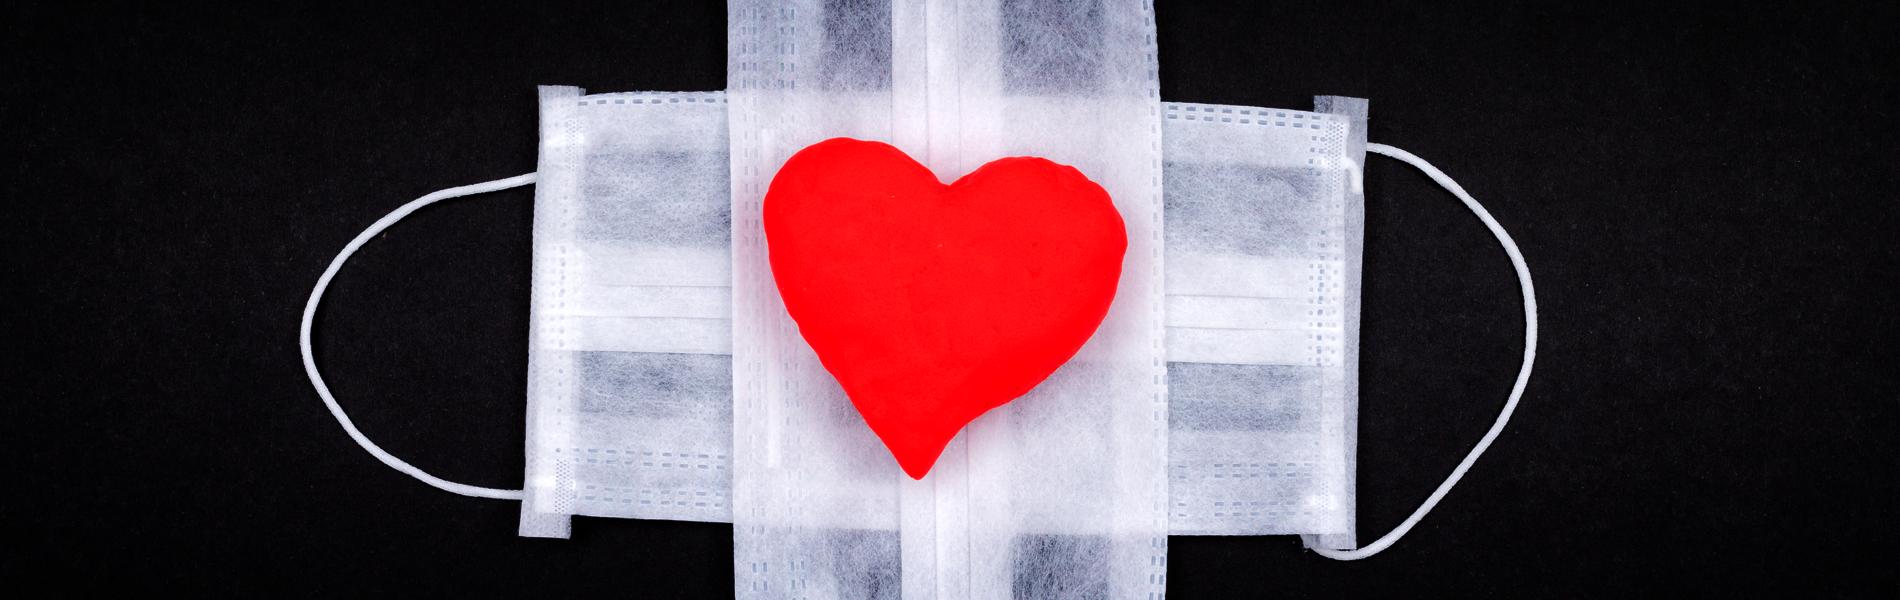 imagem de duas máscaras brancas de proteção facial com um coração estampado em uma delas